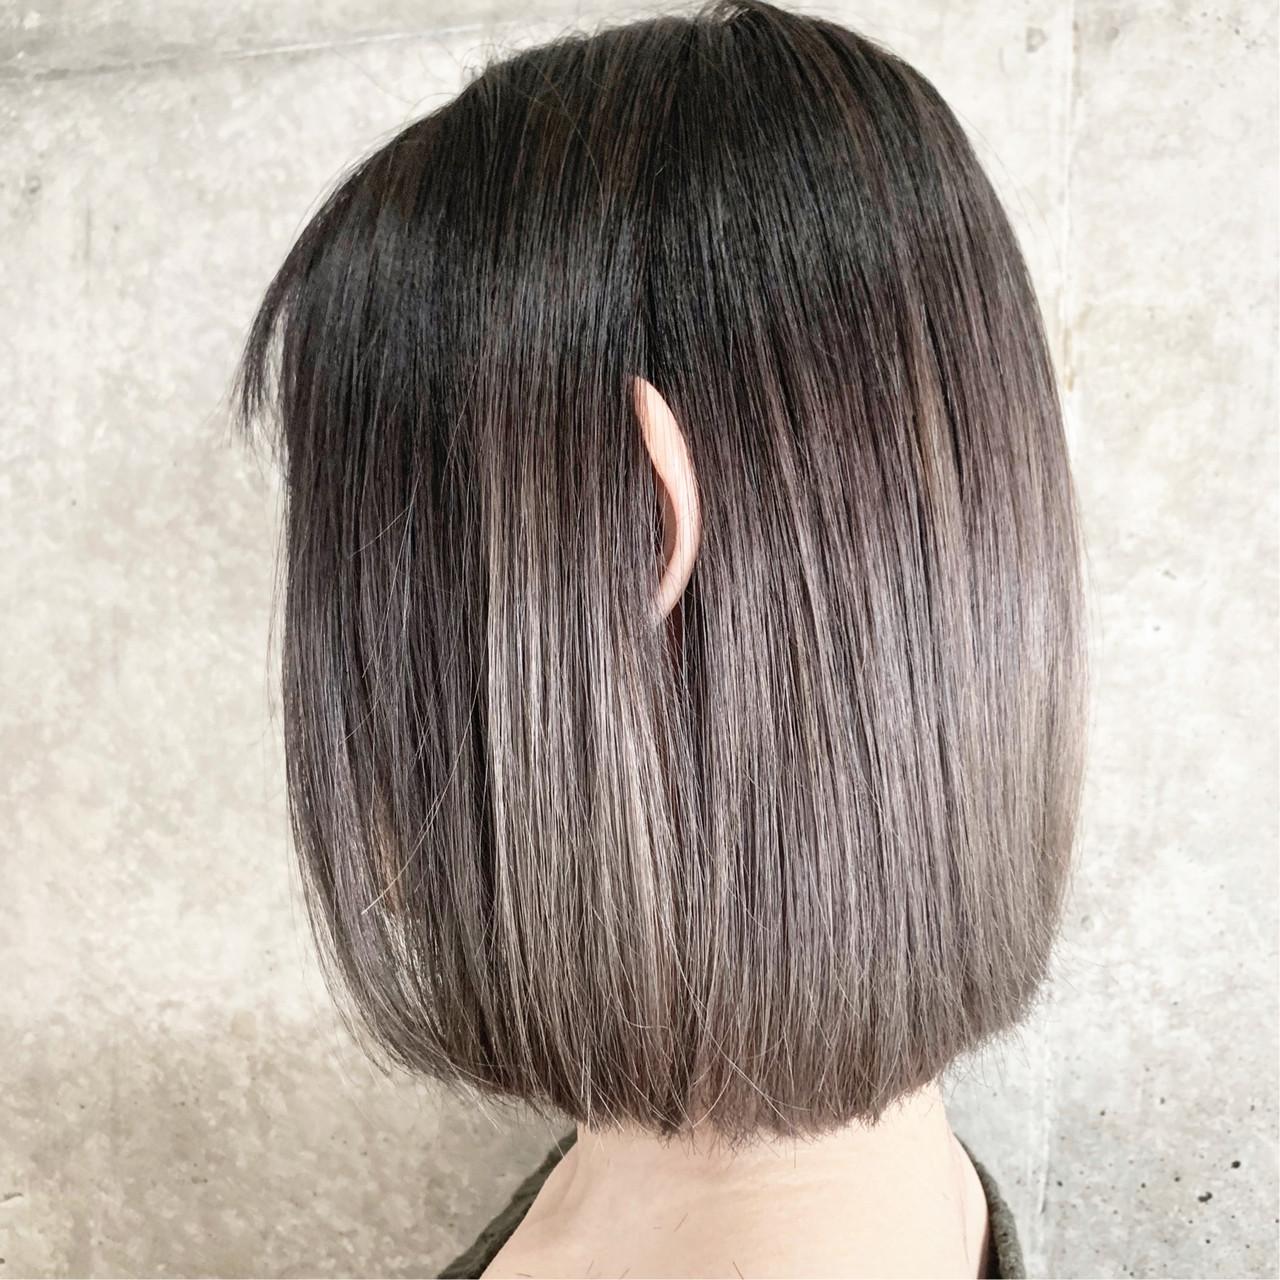 ハイトーン バレイヤージュ ボブ ナチュラル ヘアスタイルや髪型の写真・画像